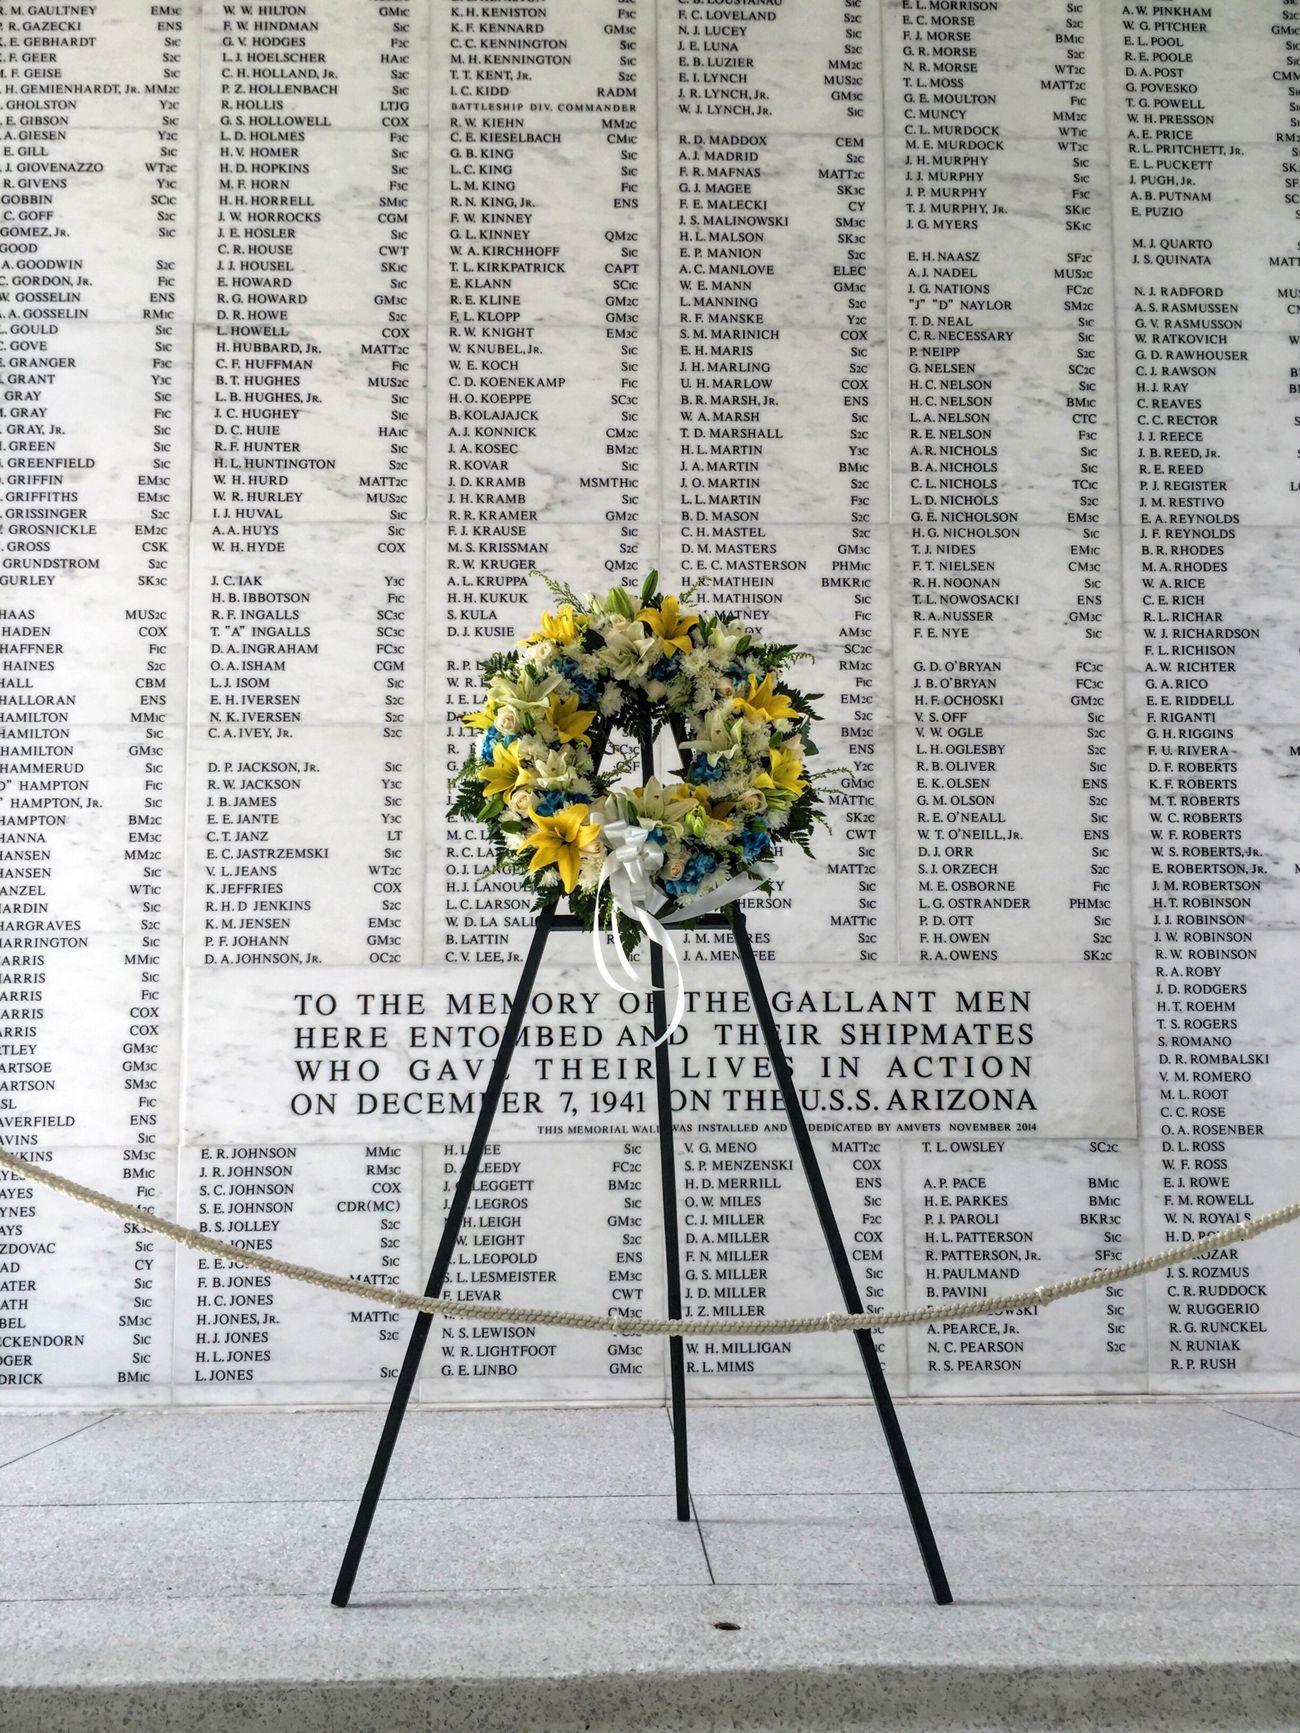 Pearl Harbor Memorial Heroes